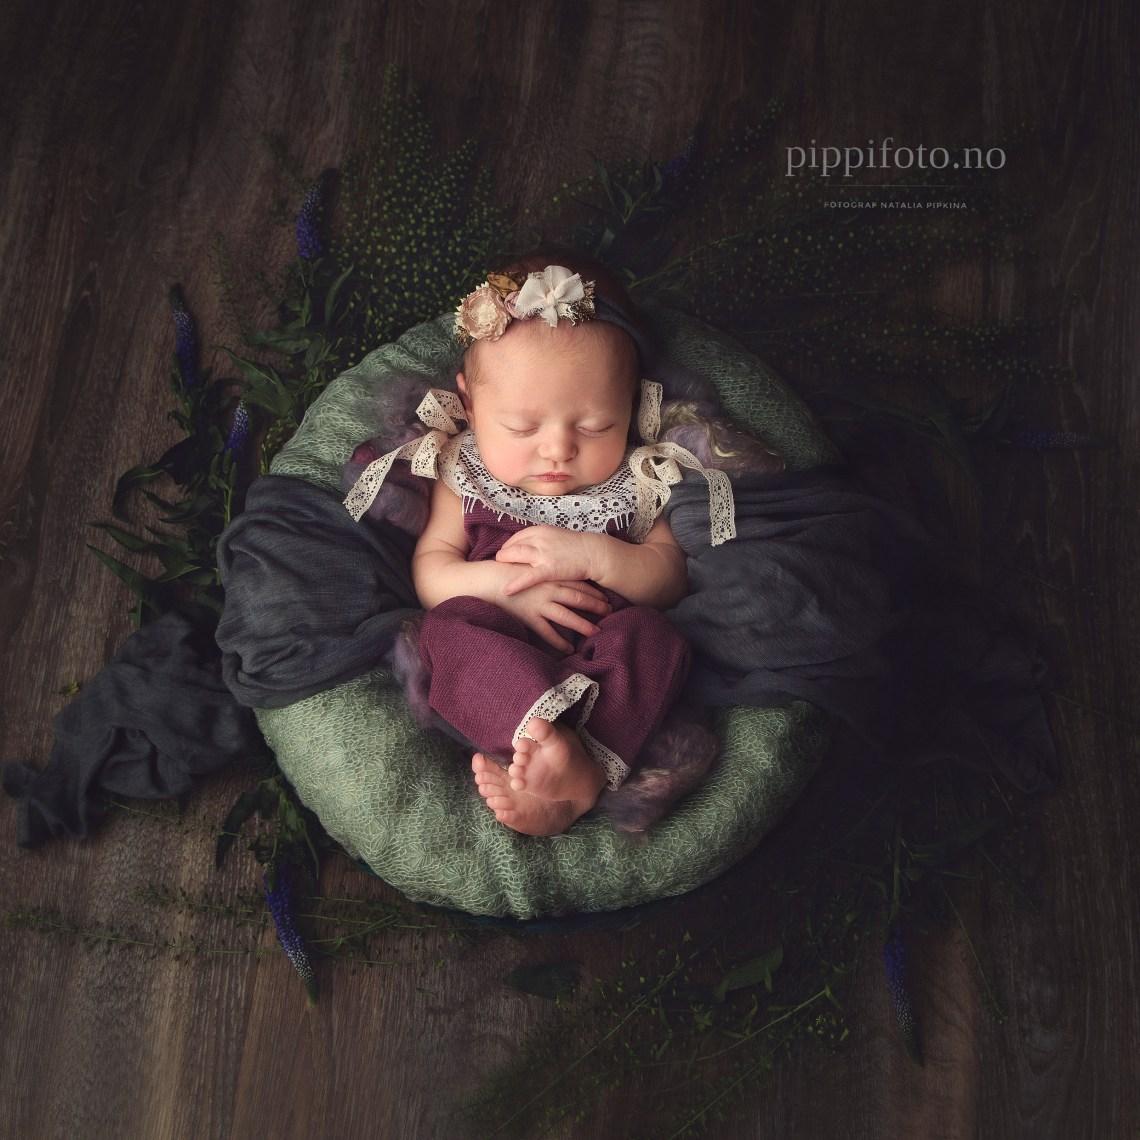 nyfødtfotografering-oslo-fø-fotograf-babyfoto-nyfødtbilder-Venter-låve-gravid-nyfødtfoto-babyshower-jente